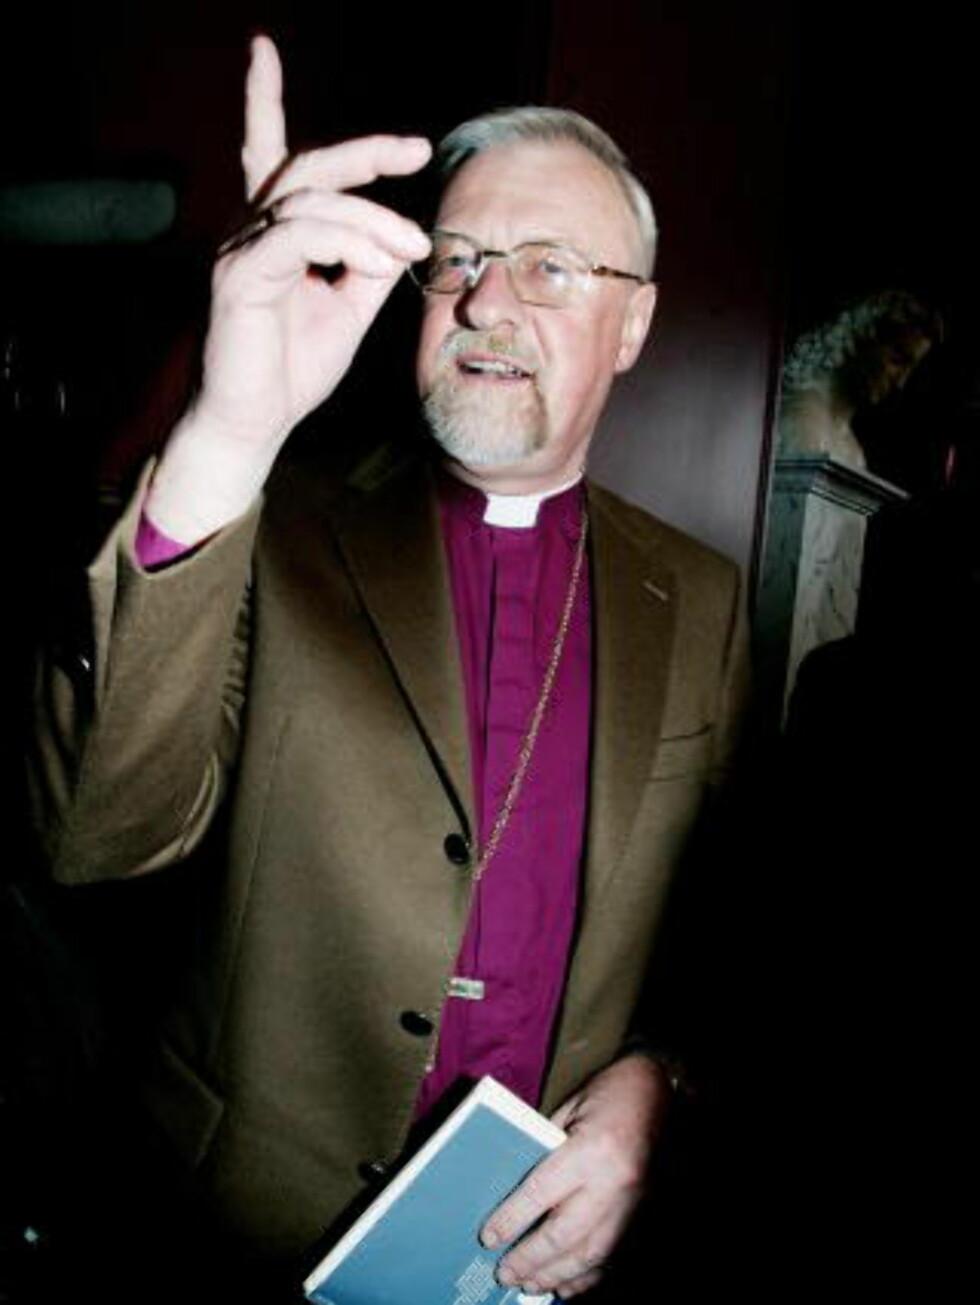 IKKE INFORMERT: Biskop Ole Christian Kvarme kjente ikke til at presteboligen skulle brukes til å promotere den nye boka til Gelius  Foto: Jeanette Landfald/Dagbladet.